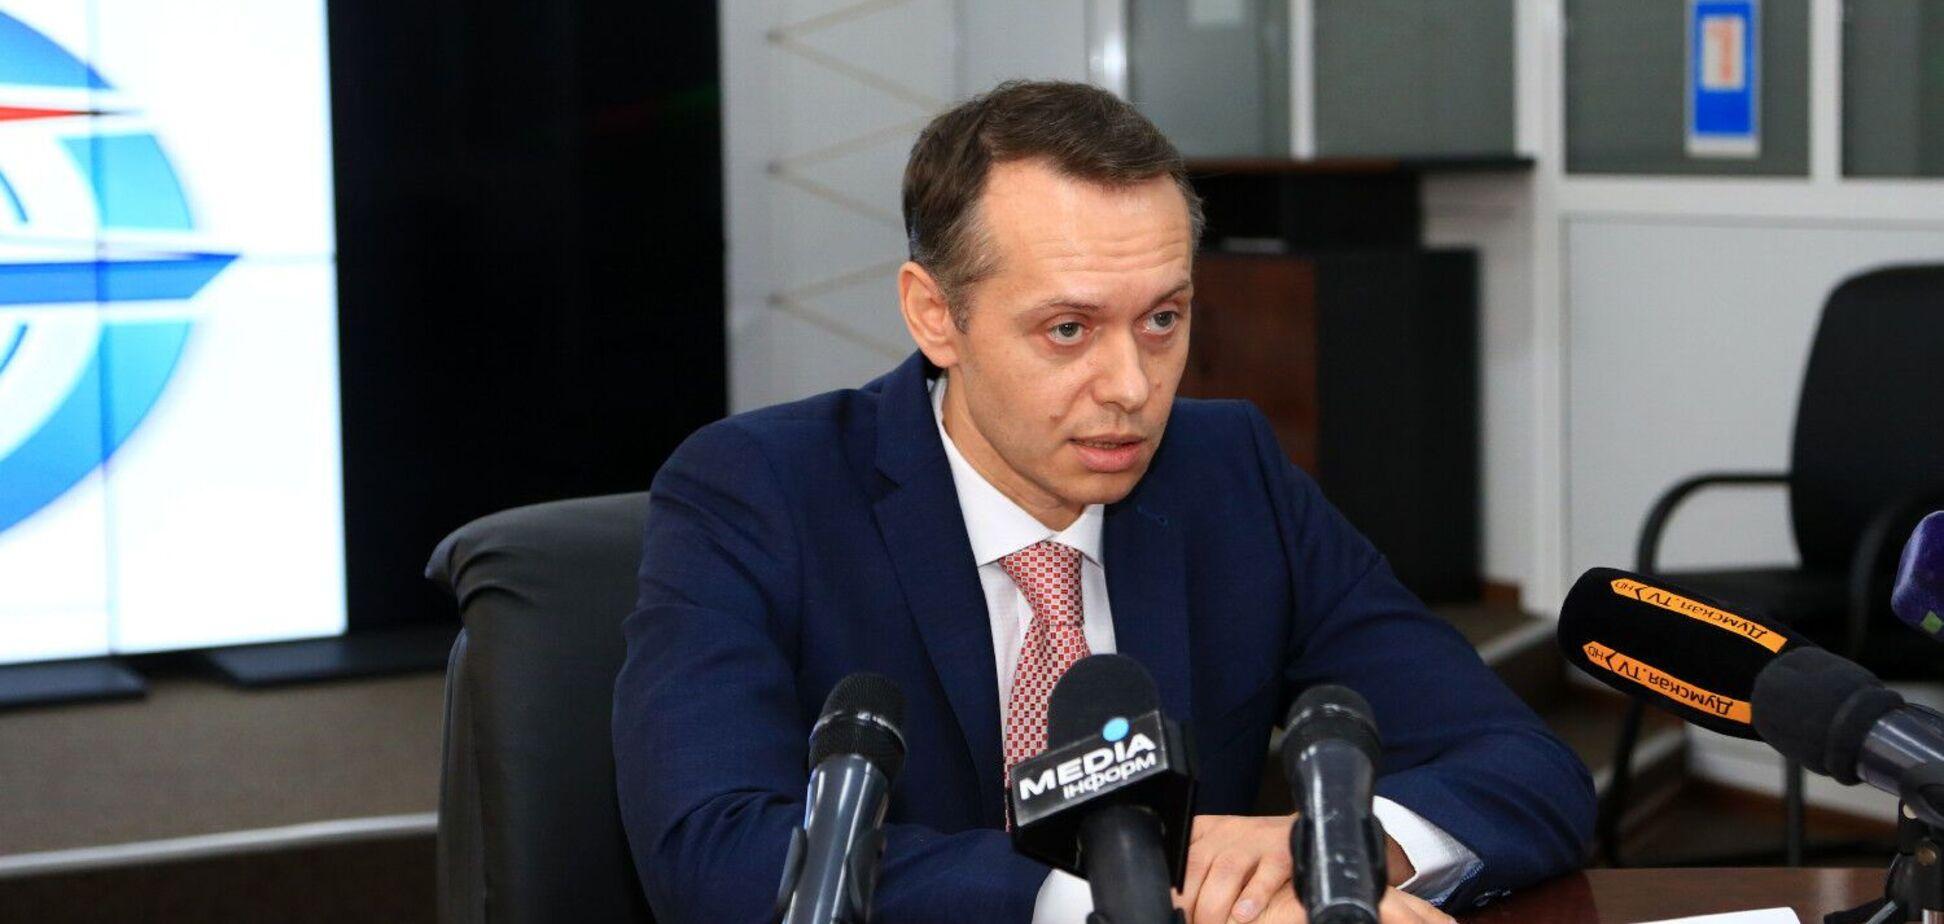 Заступник голови АМПУ Кошин може бути причетний до усунення керівника порту в Одесі: ЗМІ розкрили 'схему'